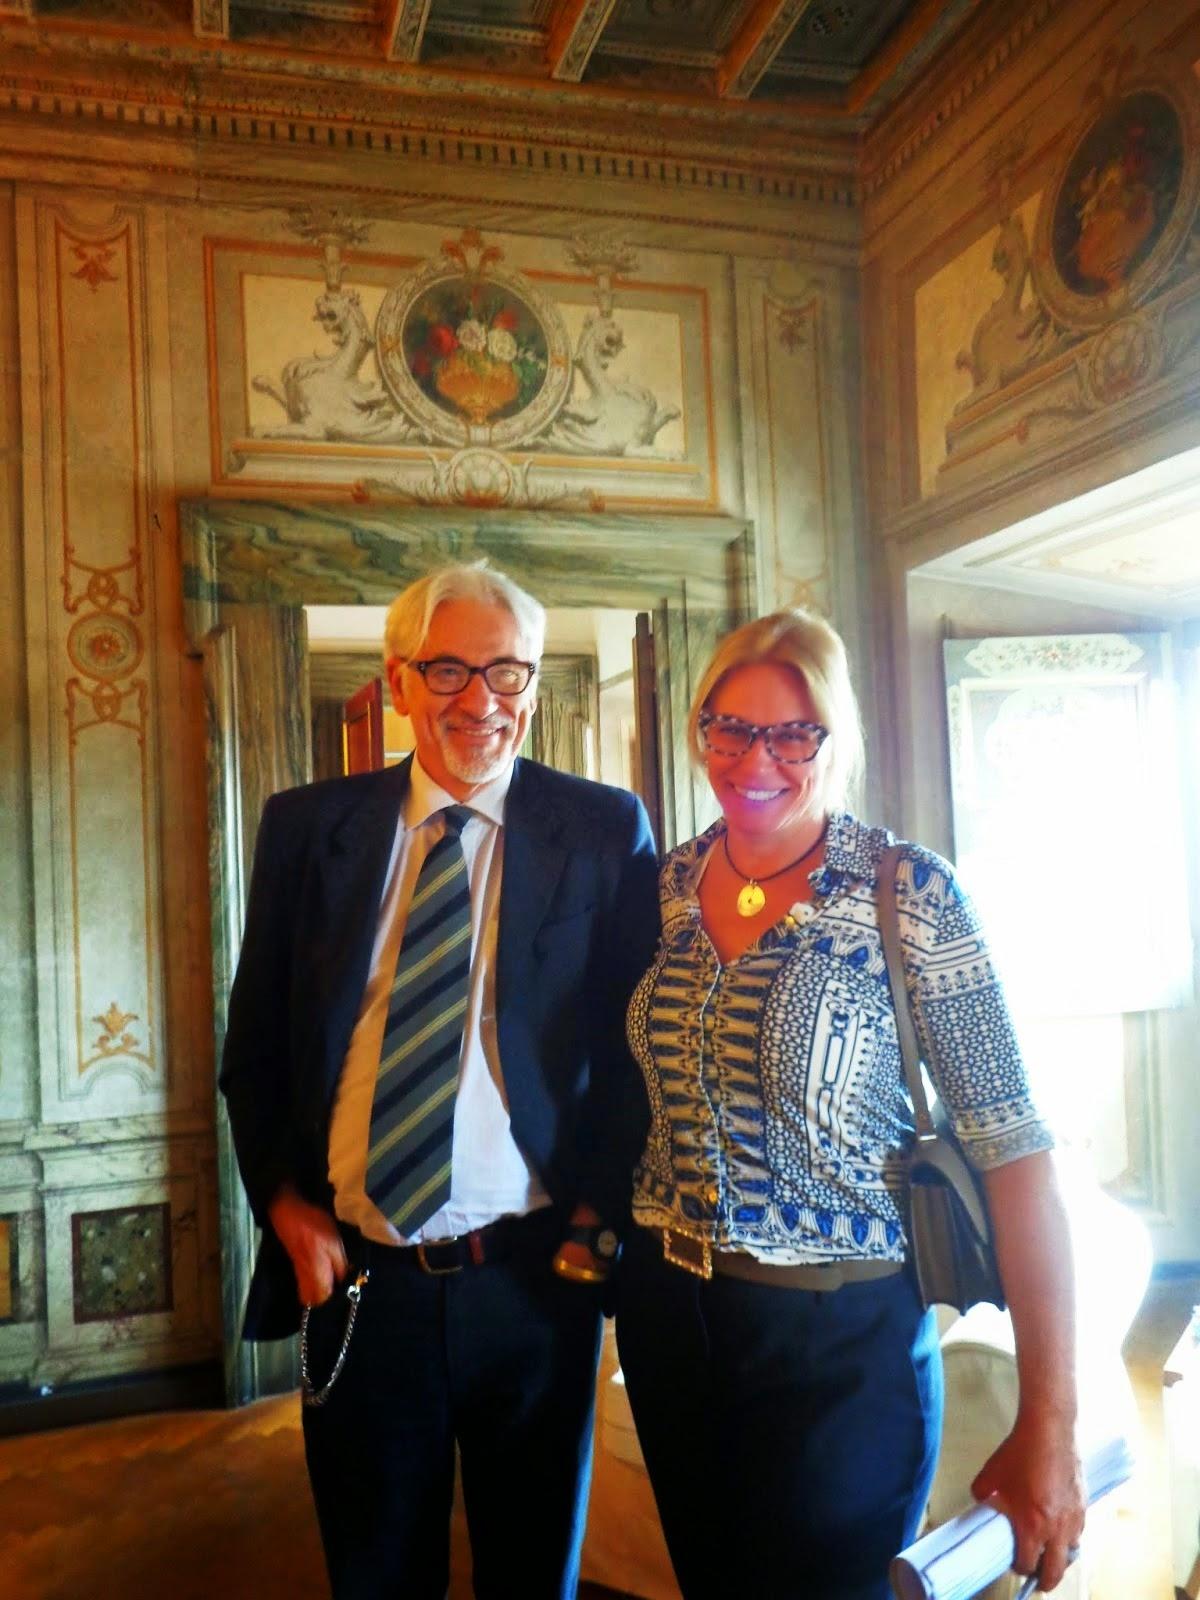 Aqui, Sandra Gorski Rego é recebida pelo simpático Diretor do Palazzo Mattei.